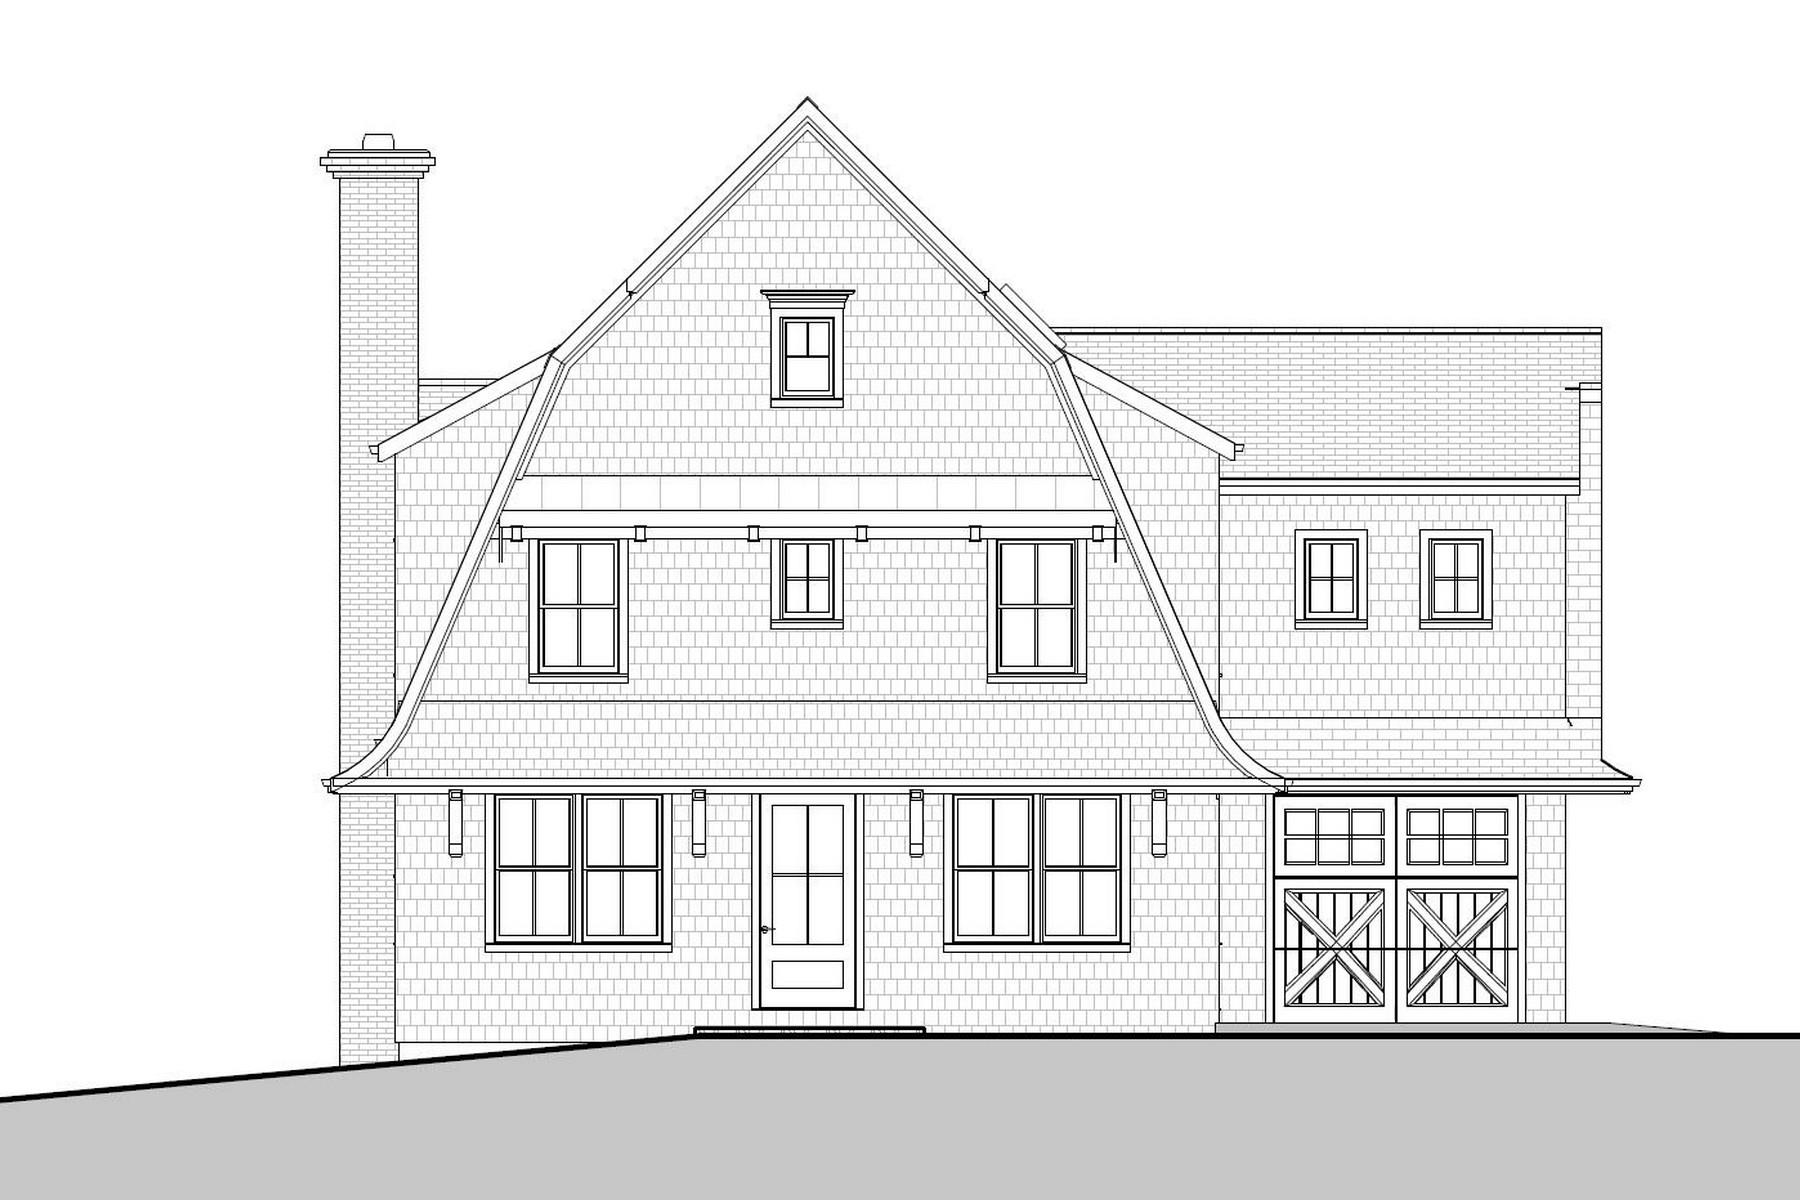 Частный односемейный дом для того Продажа на New Construction 4 Vani Court Westport, Коннектикут, 06880 Соединенные Штаты